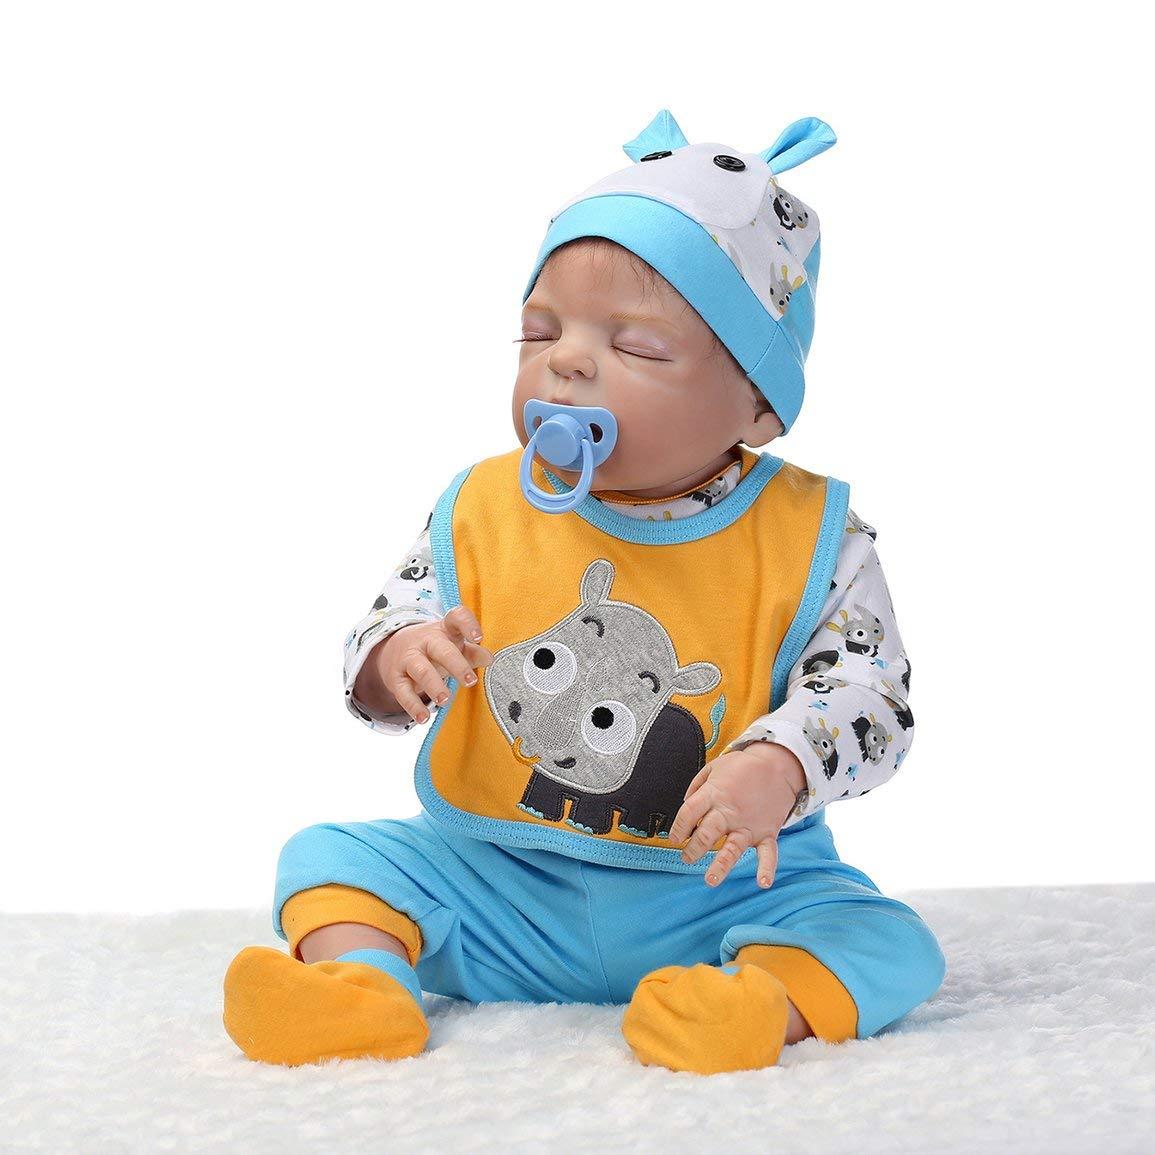 Fantasyworld 56cm Hecha a Mano del bebé renacido de la muñeca de Silicona Suave Vinilo muñeca de Seguro no tóxico Juguetes realistas recién Nacidos del bebé Juguetes de la muñeca